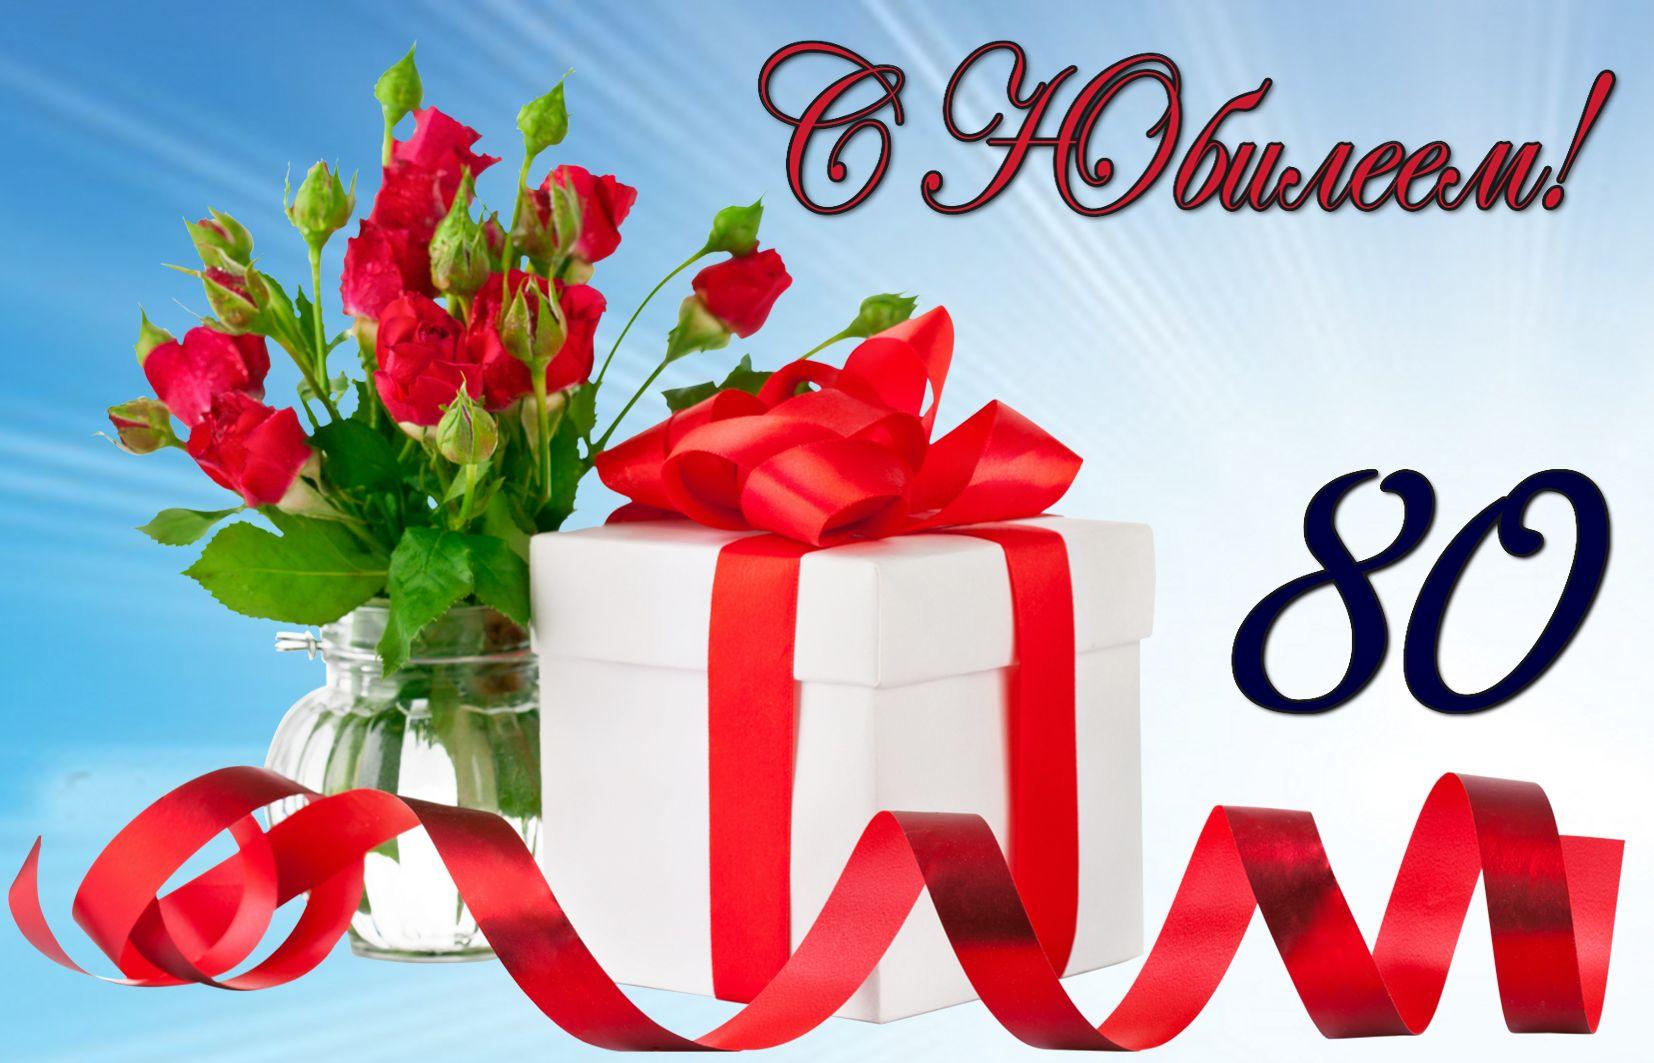 Открытка на юбилей 80 лет - красивый подарок с букетом цветов